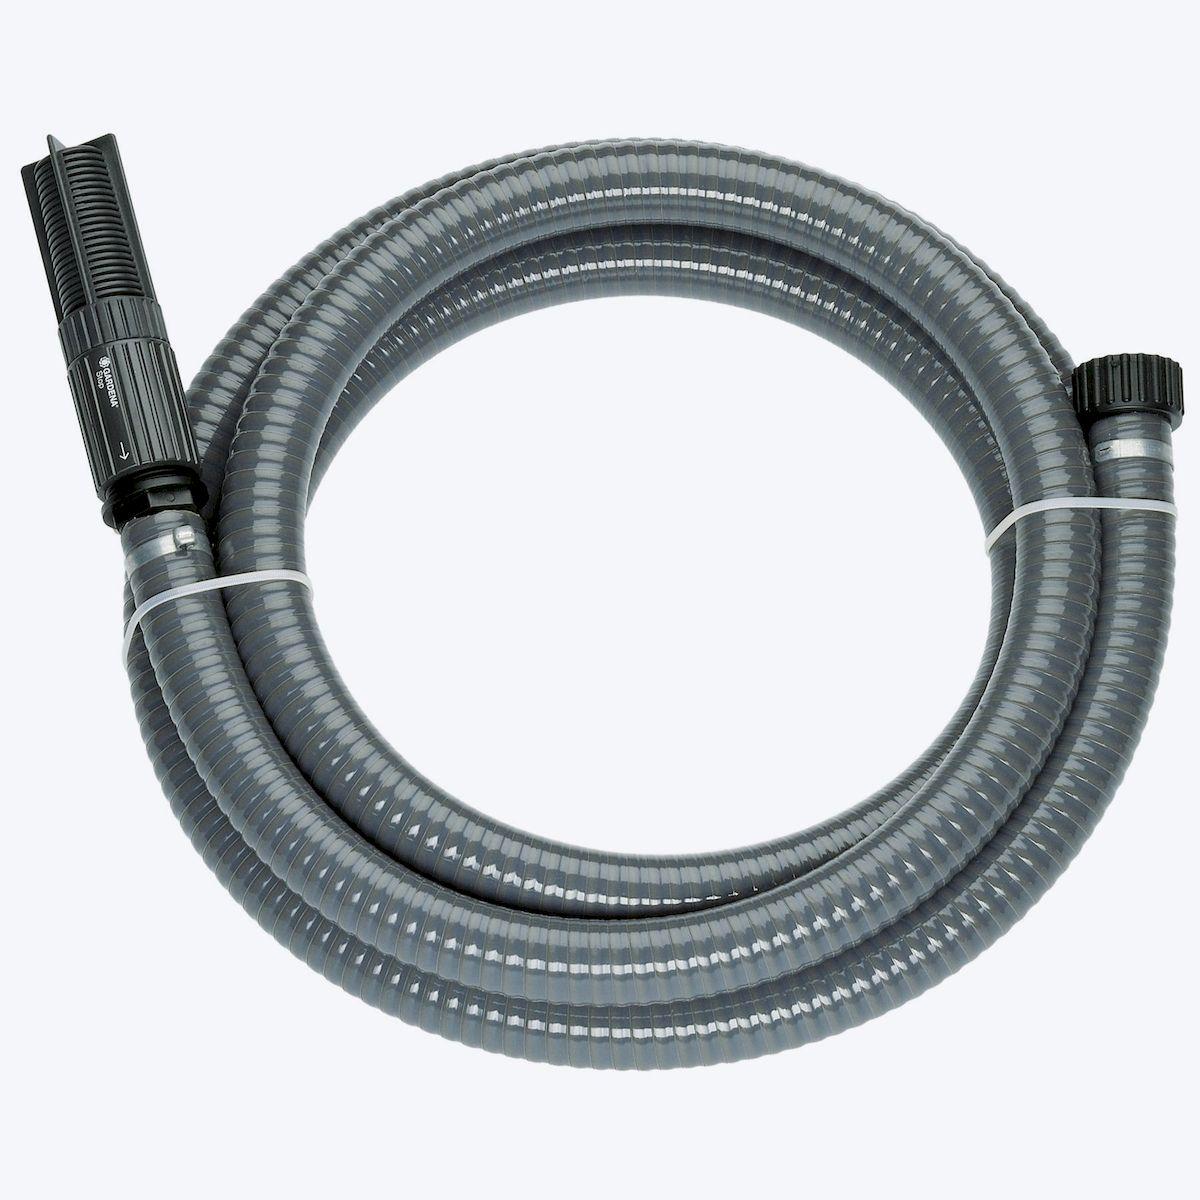 Шланг Gardena, заборный, с насосом и фильтром, диаметр 25 мм, длина 7 м96515412Заборный шланг Gardena используется в комплекте с насосом. Шланг спирально-армирован, что увеличивает его прочностные характеристики. Фильтр, встроенный в шланг, защищает насос от загрязнения, что в конечном счете сказывается на сроке службы насоса. Также в конструкции заборного шланга имеется обратный клапан, благодаря которому при повторном включении время всасывания заметно сокращается. Все соединяющие элементы гарантируют герметичное соединение. Подходит для насосов с наружной резьбой 33,3 мм (G 1).Длина шланга: 7 м.Диаметр шланга: 25 мм.